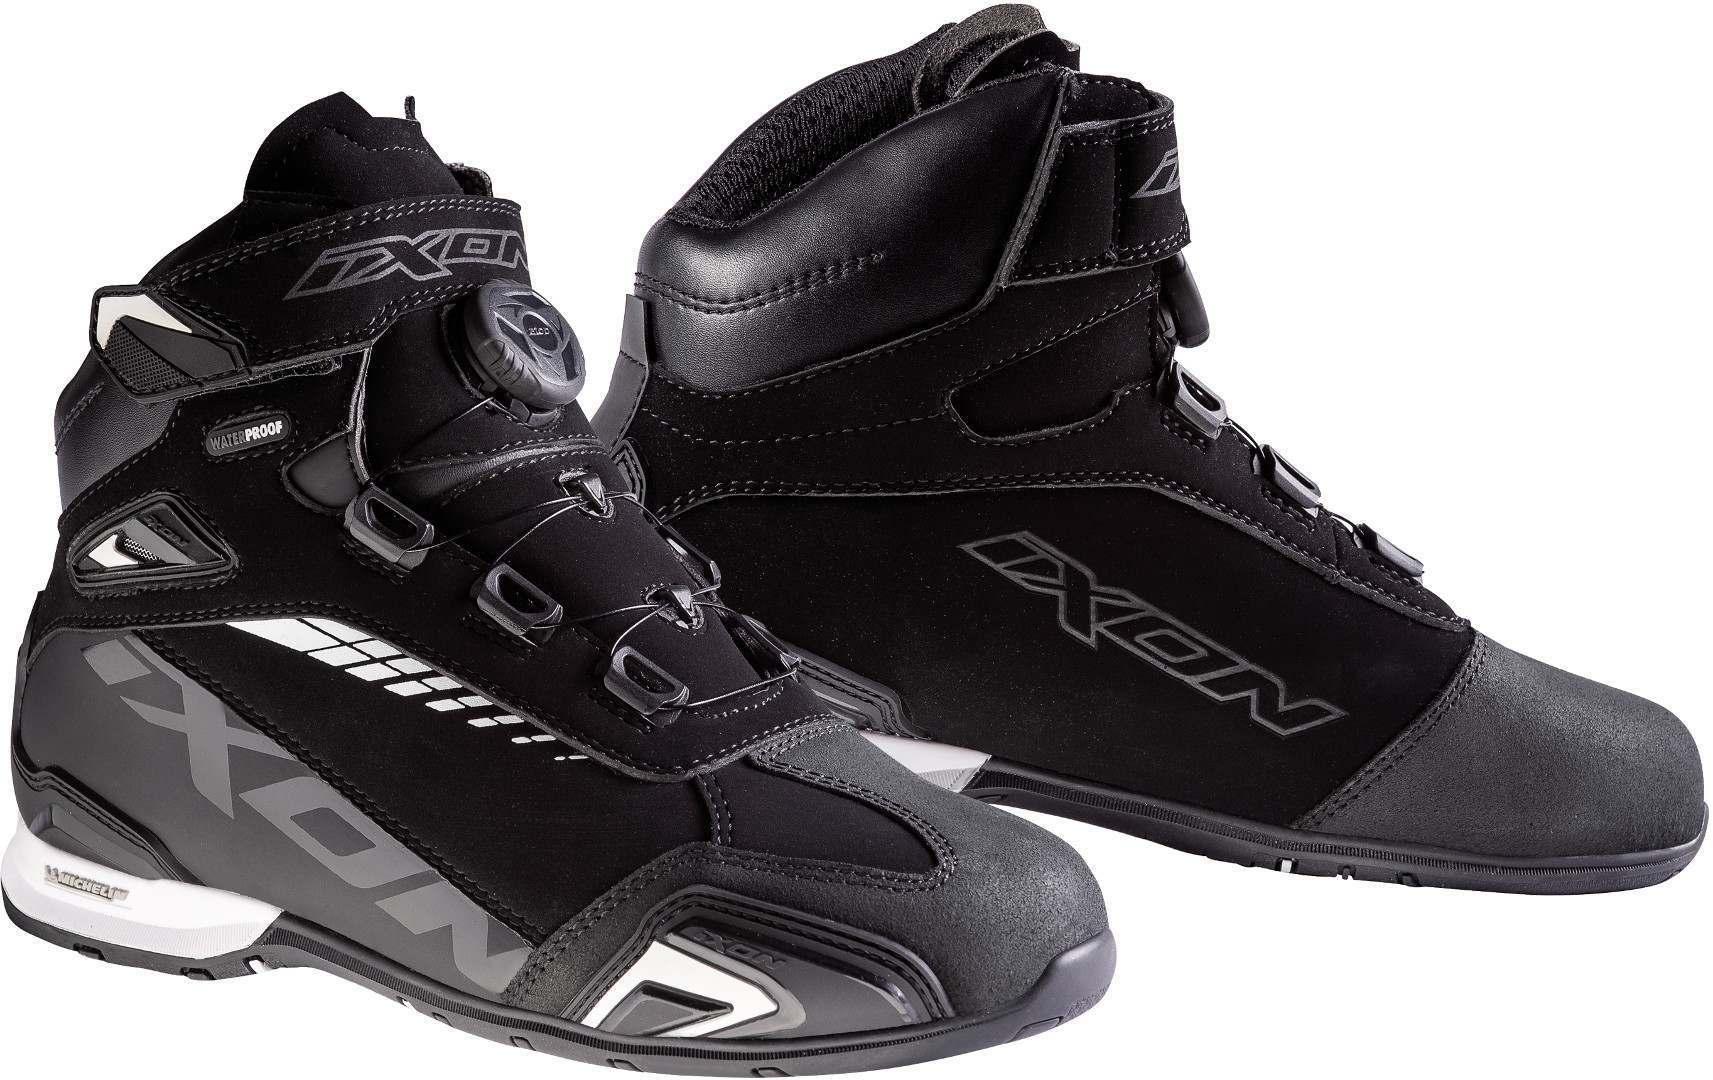 Ixon Bull WP L Ladies scarpe del motociclo Nero Bianco 40